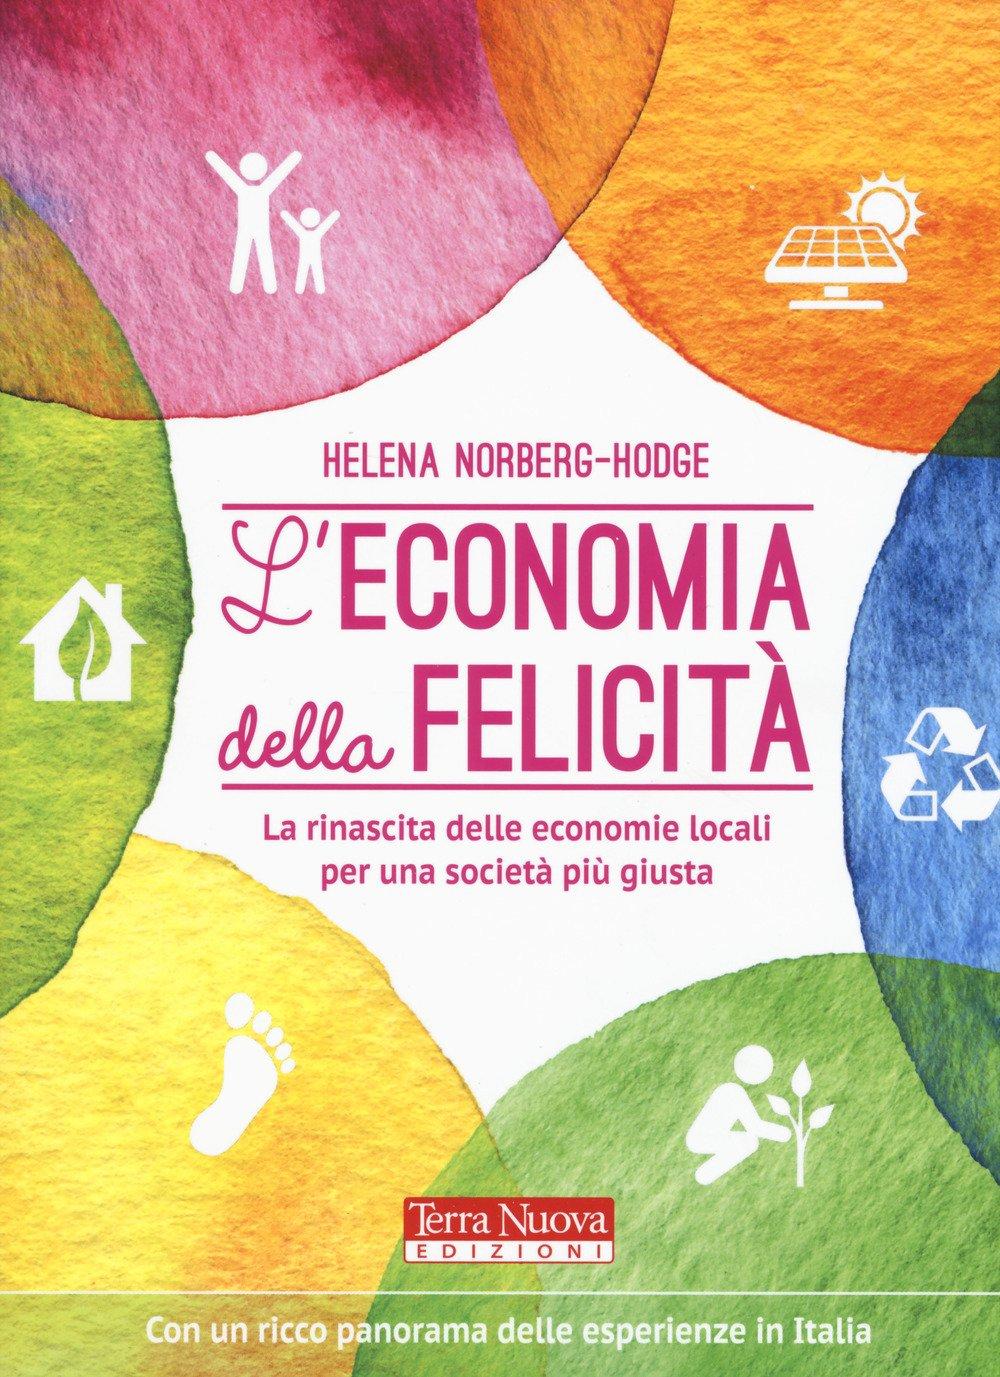 L'economia della felicità. La rinascita delle economie locali per una società più giusta Copertina flessibile – 27 lug 2017 Helena Norberg-Hodge C. Gallia Terra Nuova Edizioni 8866812137